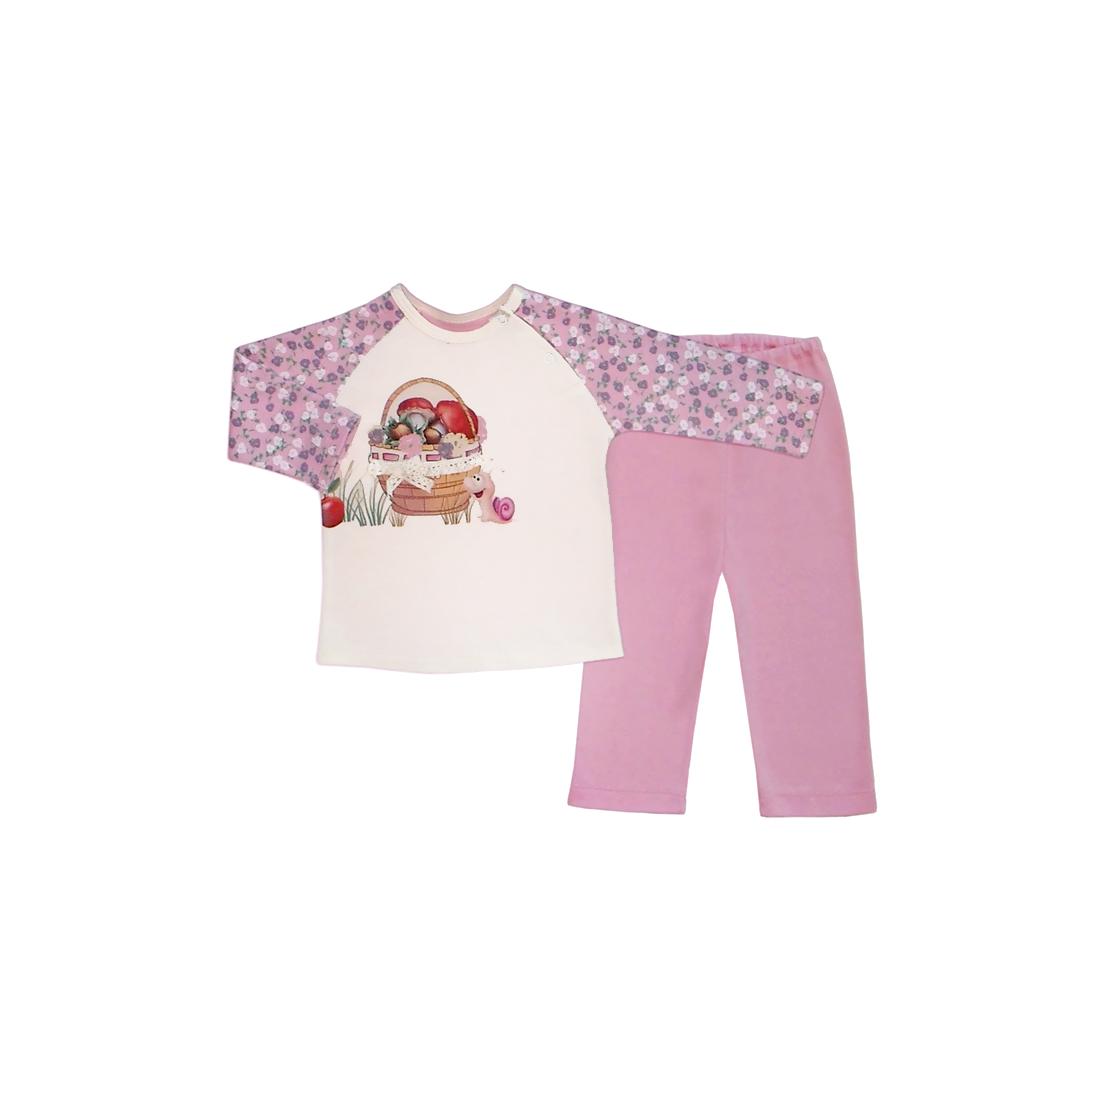 Комплект ясельный Бимоша: кофточка+ползунки, цвет молоко/розовый (146053) 0-3 мес.